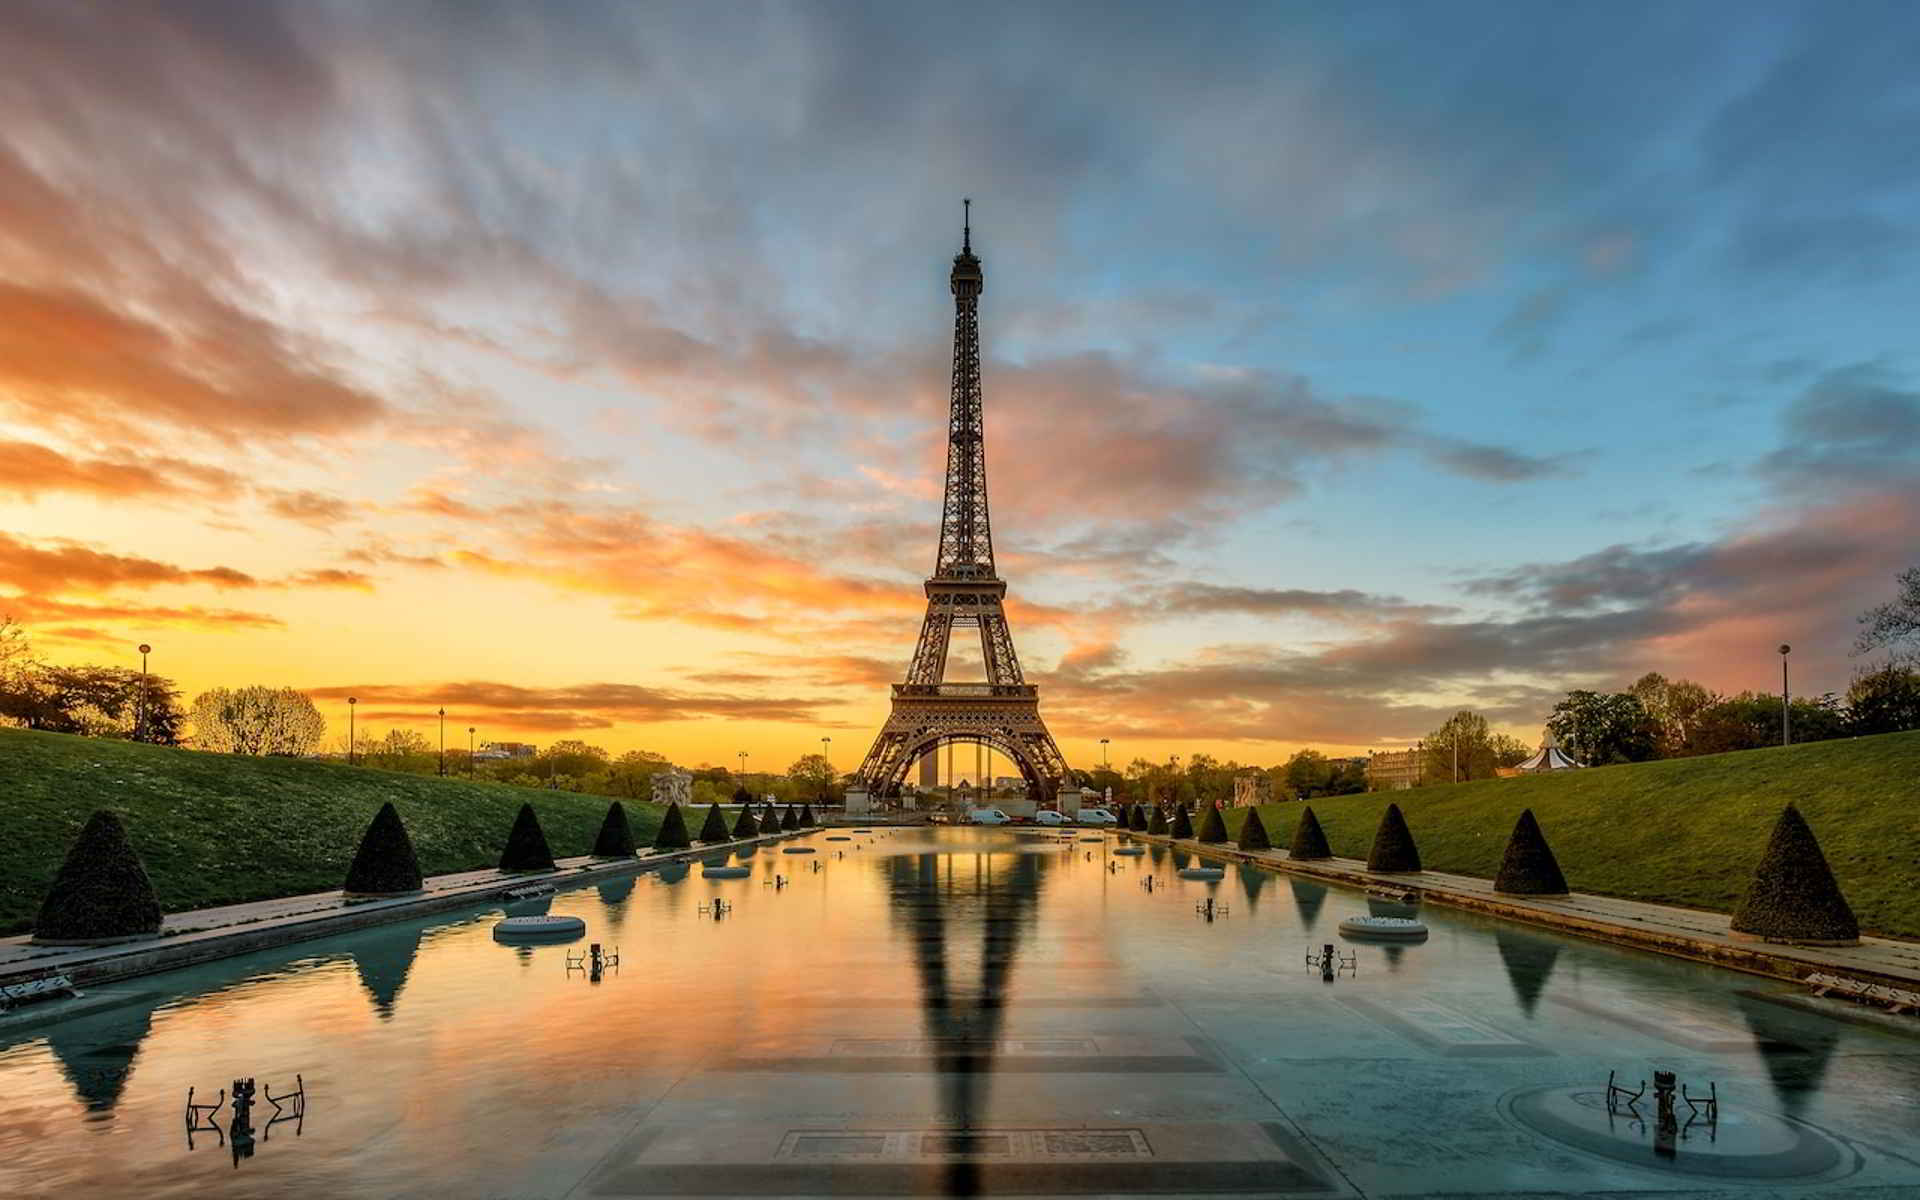 تور اروپا مجارستان، اتریش، فرانسه مهر ۹۸